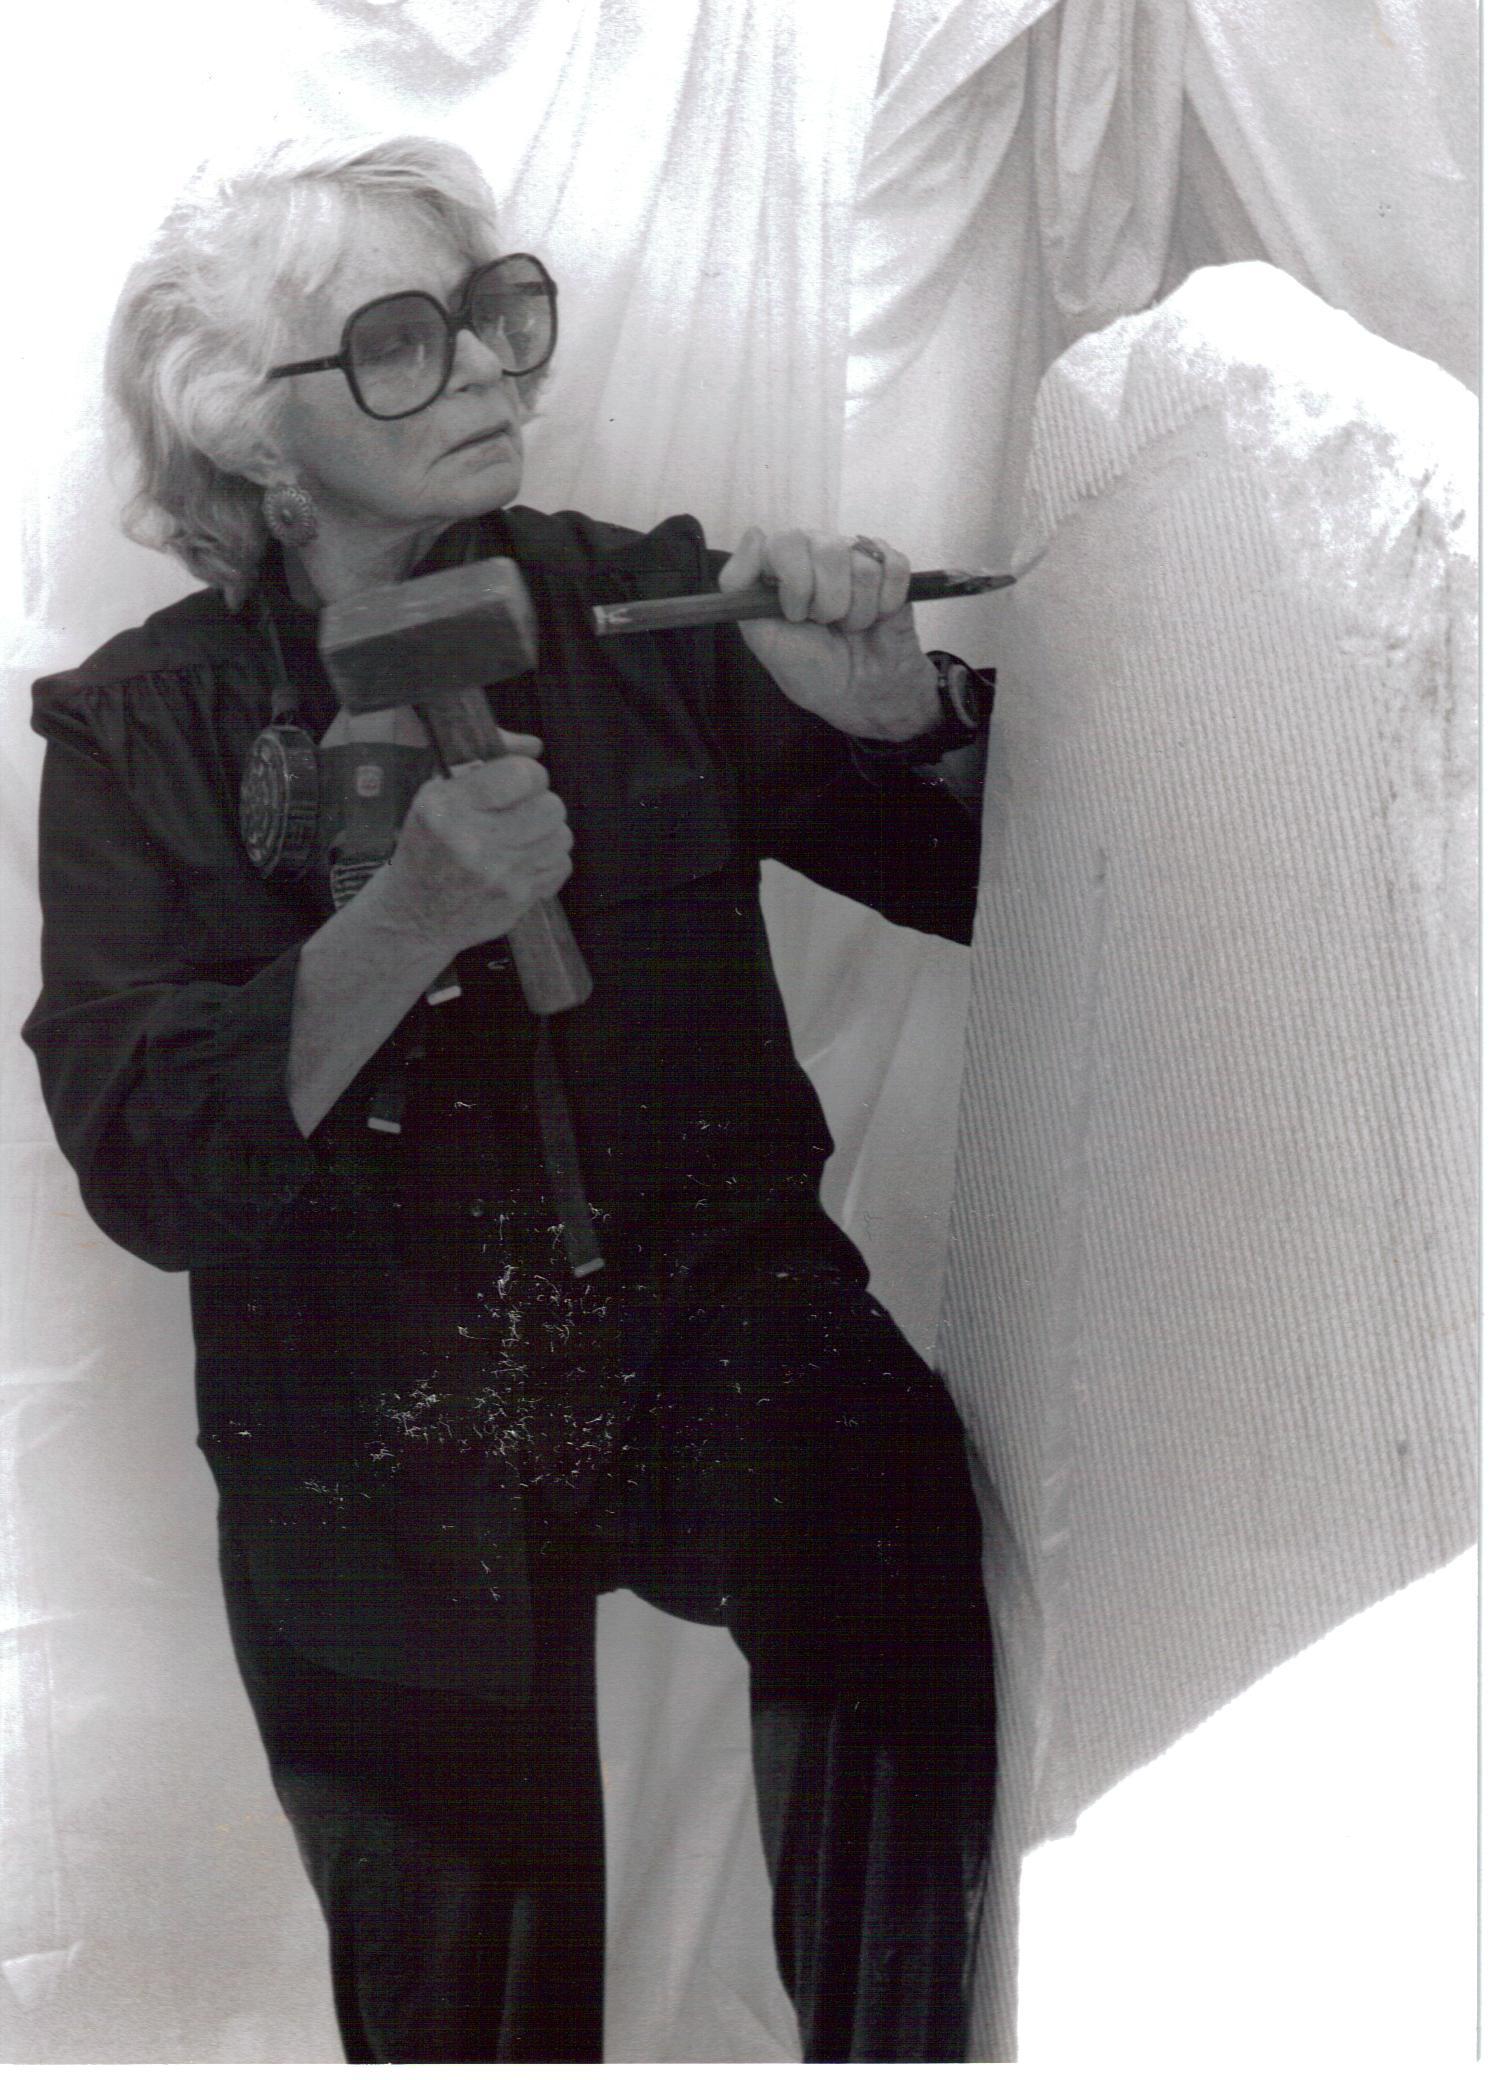 Sculptor J. Ellen Austin